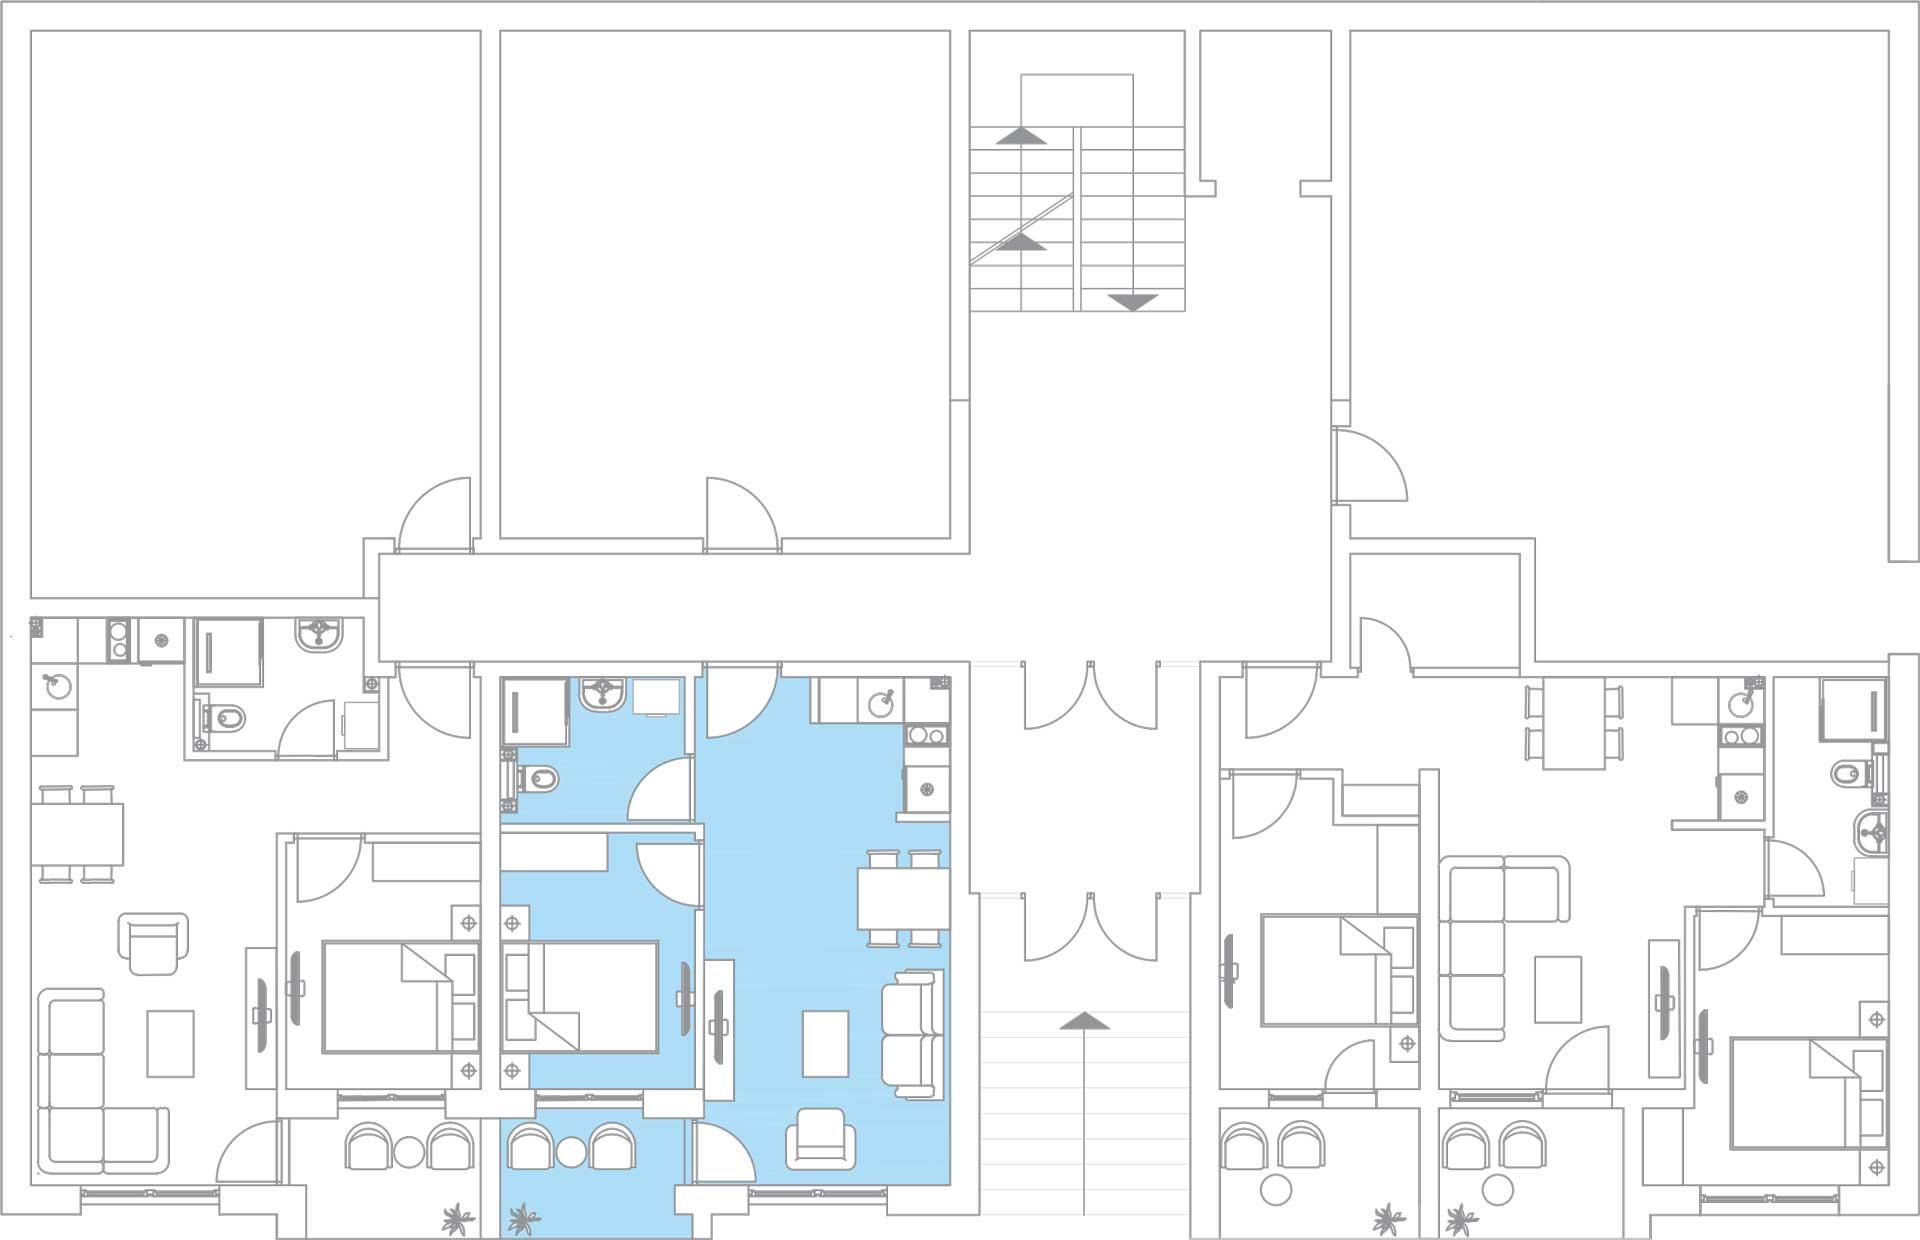 orjentacija-stambene-jedinice-A3